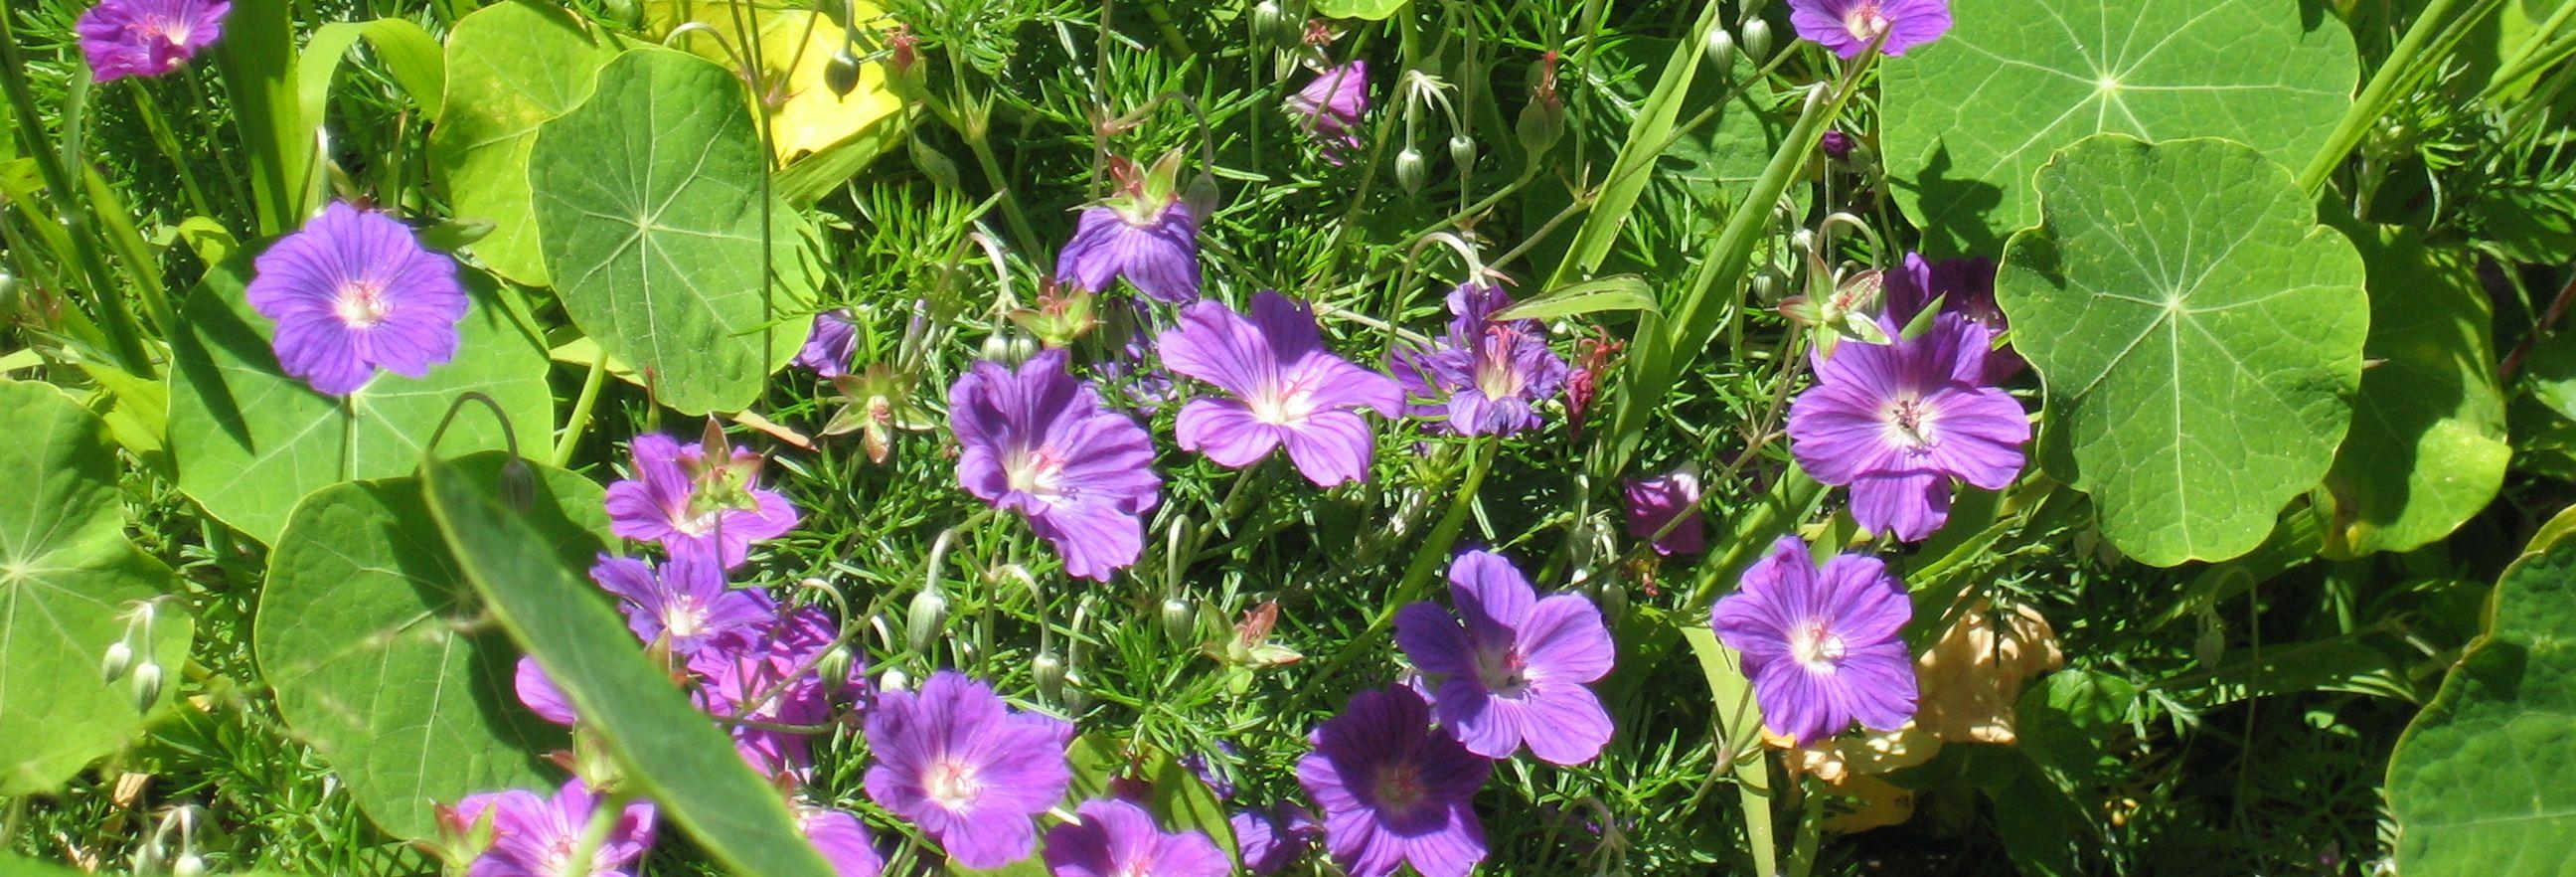 blue geraniums